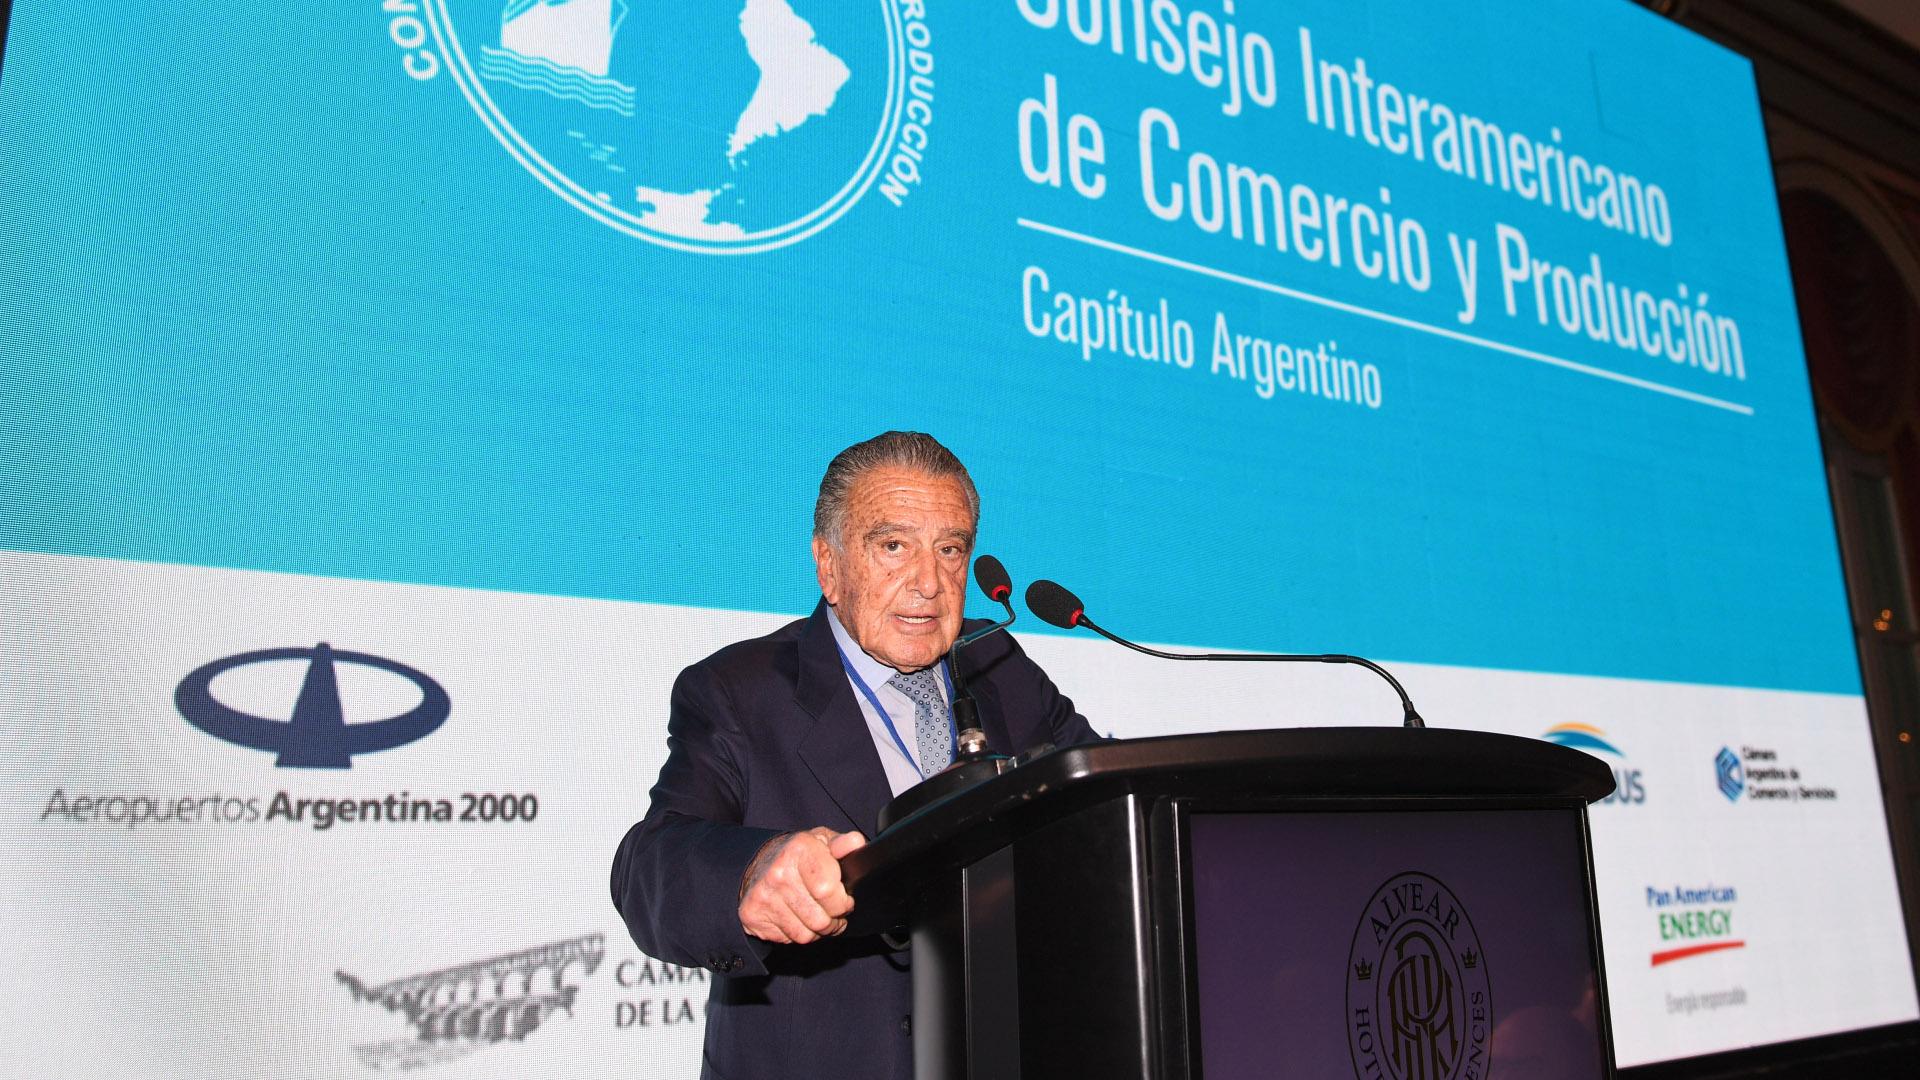 El empresario Eduardo Eurnekian disertó ante empresarios en el Consejo Interamericano de Comercio y Producción